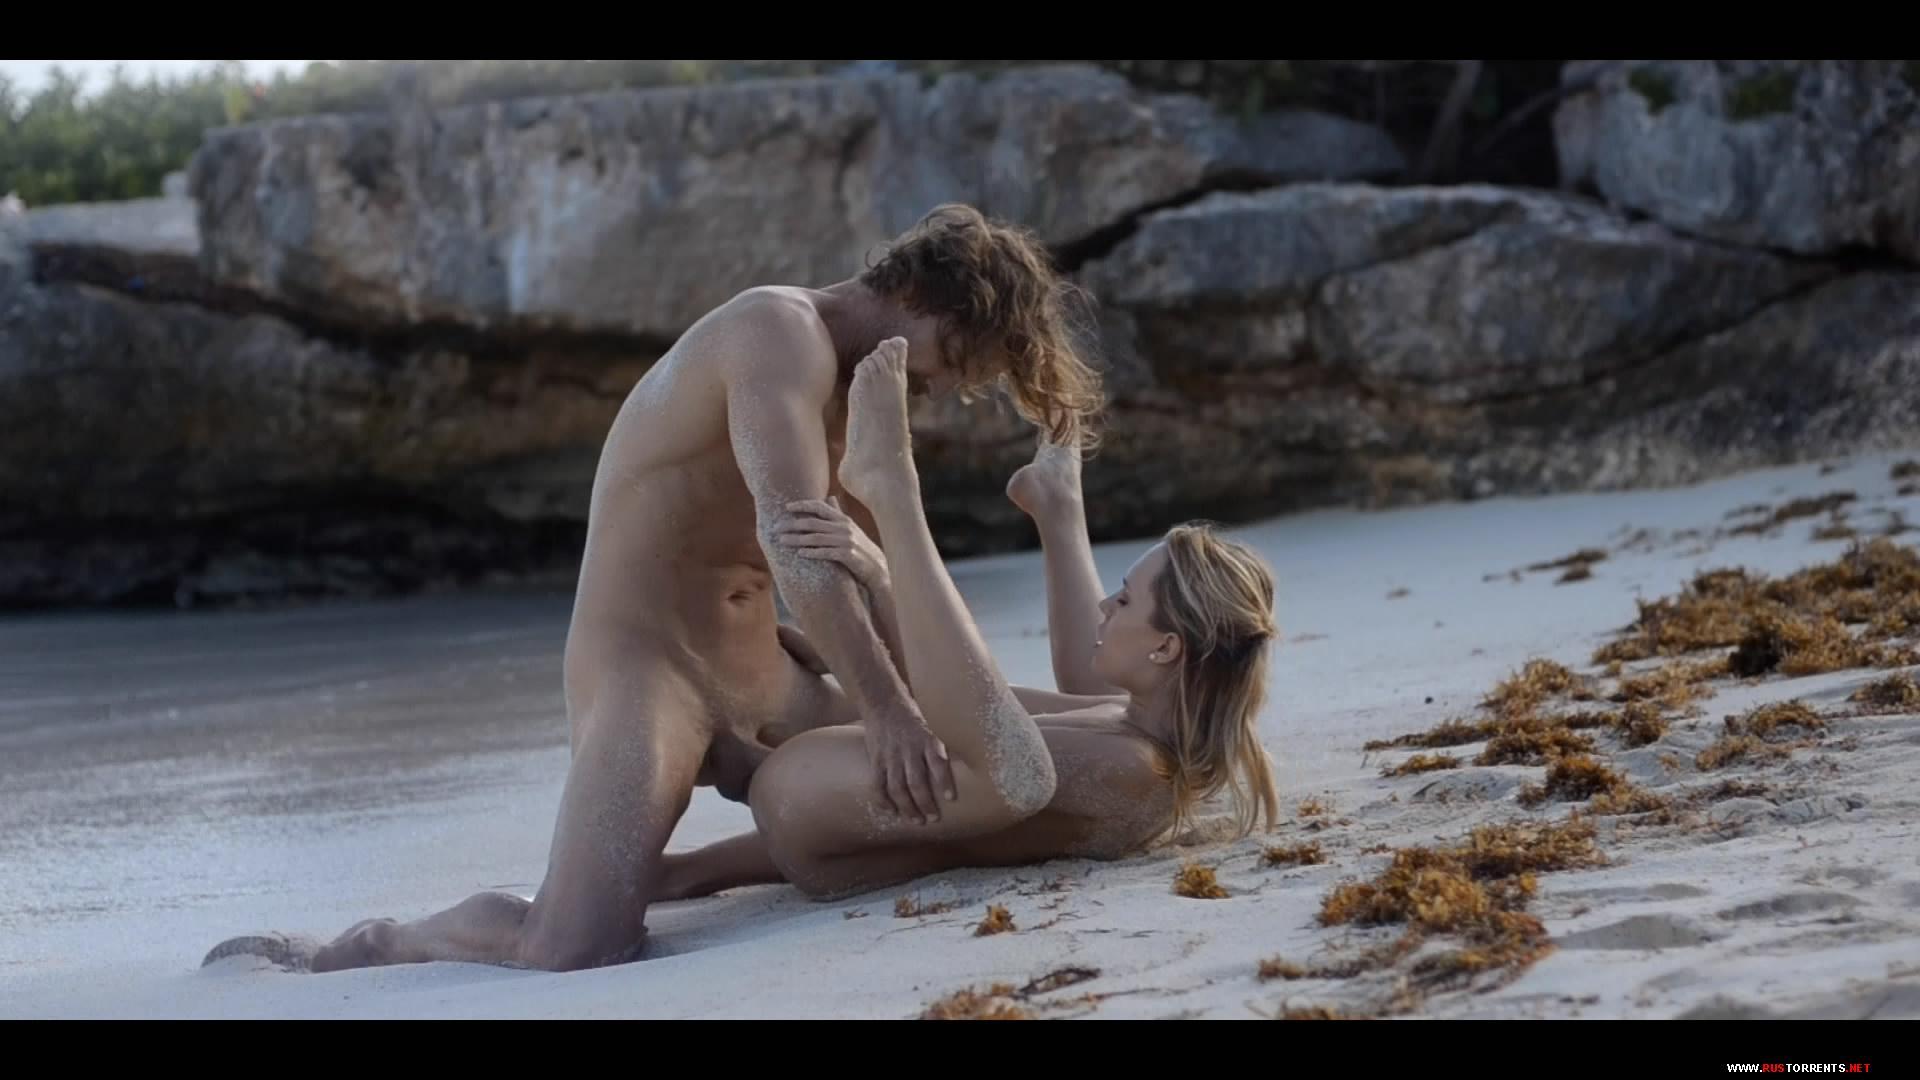 Секс на пляже hd фото 9 фотография